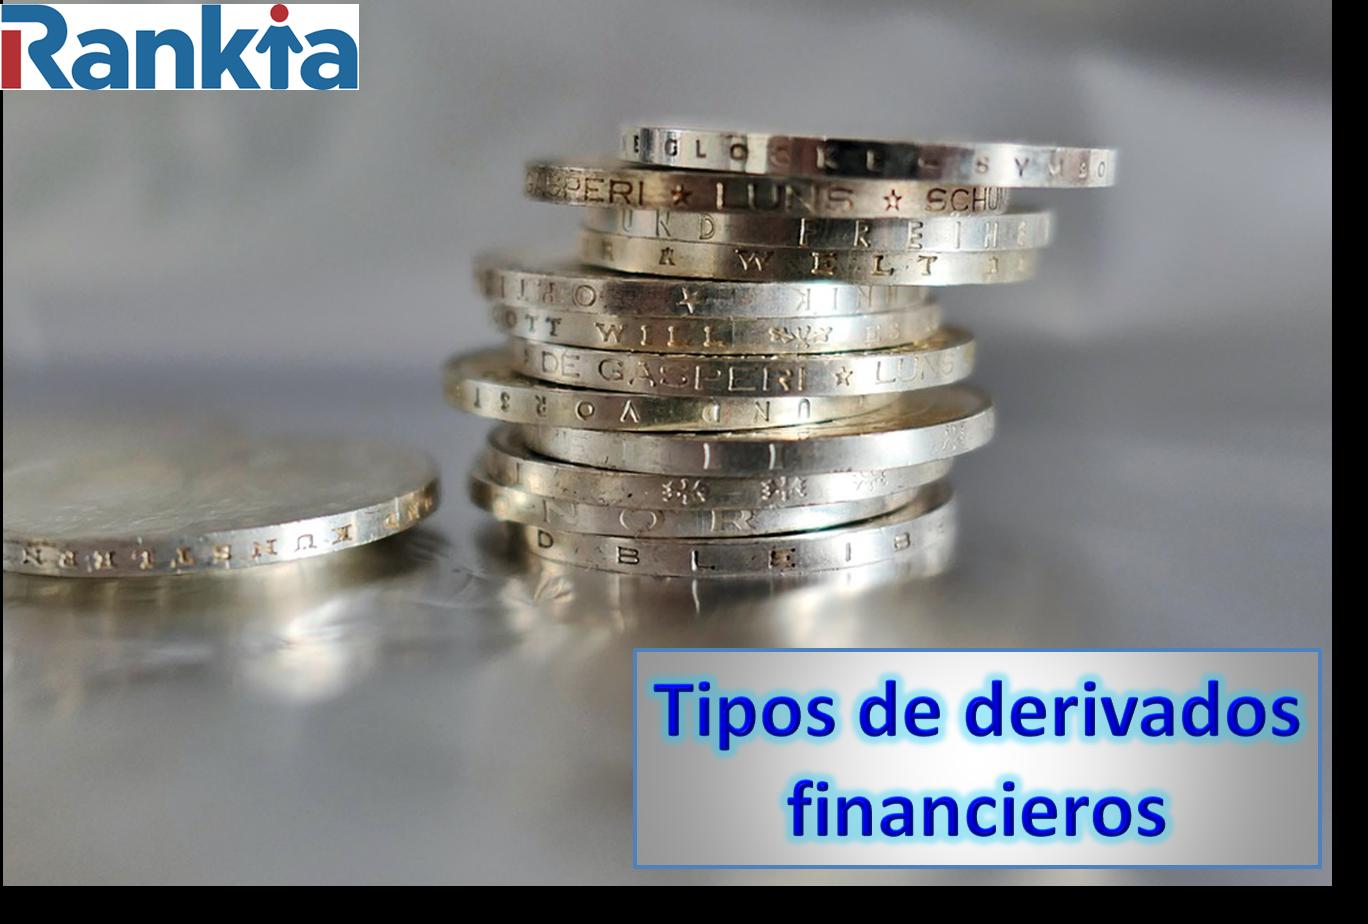 ¿Cuántos tipos de derivados financieros hay?